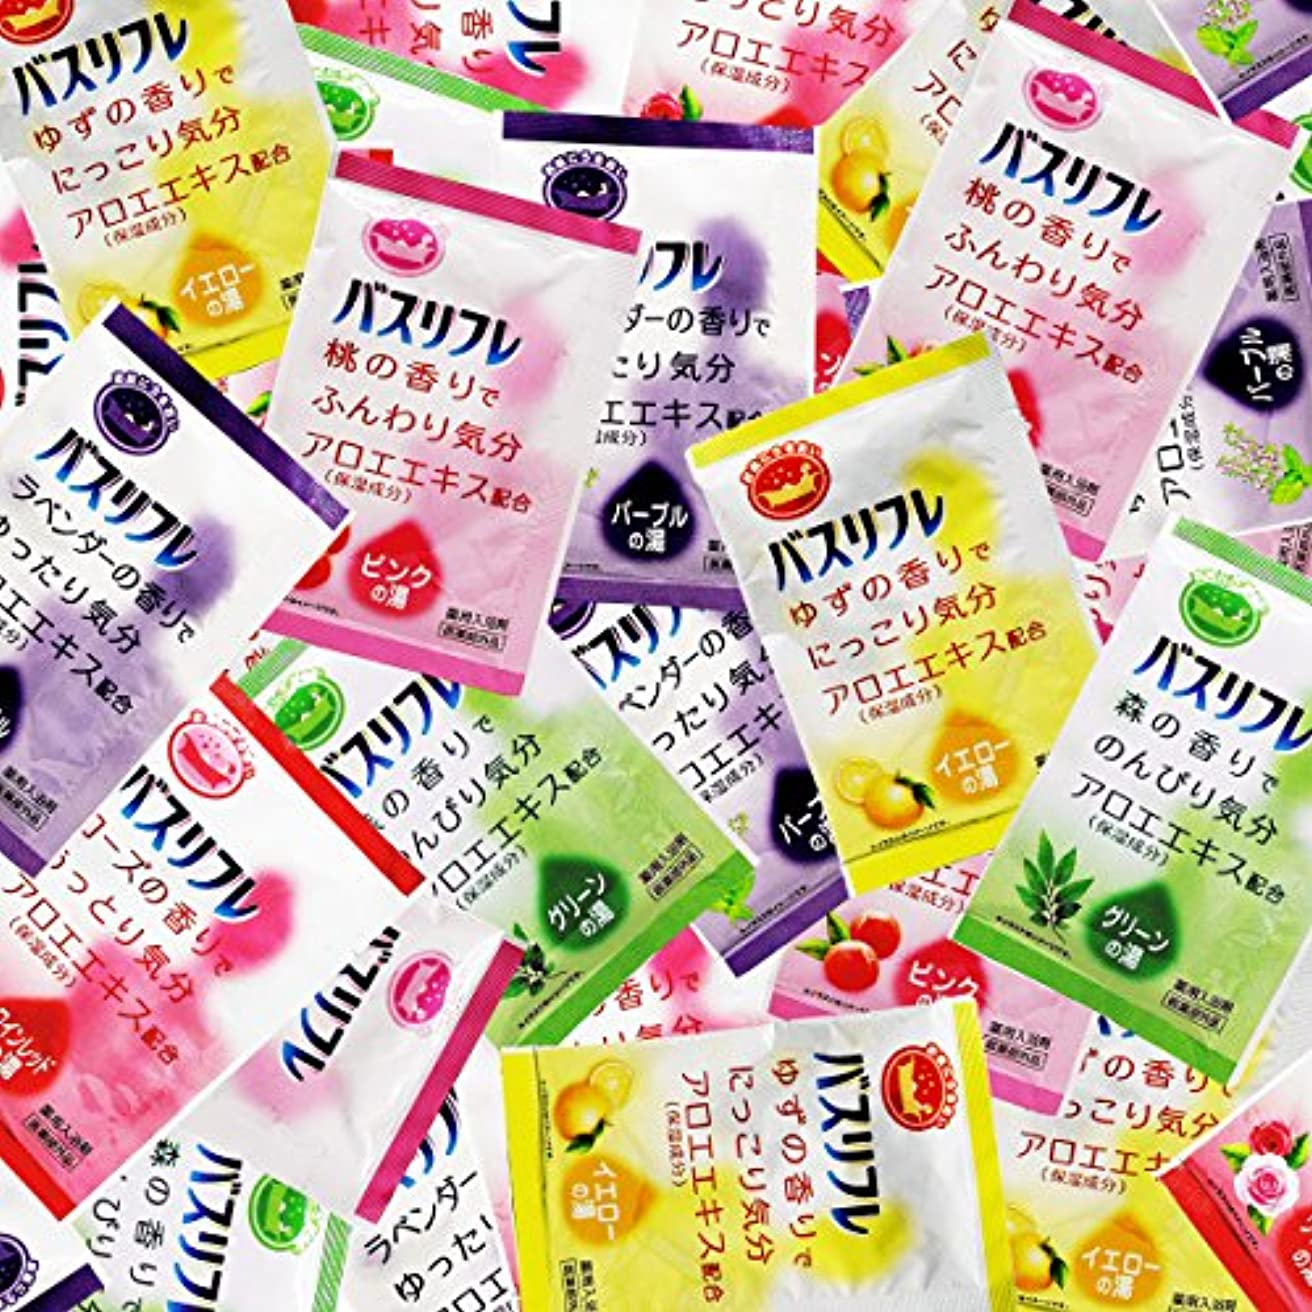 うまれた副産物垂直薬用入浴剤 バスリフレ 5種類の香り アソート 120袋セット 入浴剤 詰め合わせ 人気 アロマ 福袋 医薬部外品